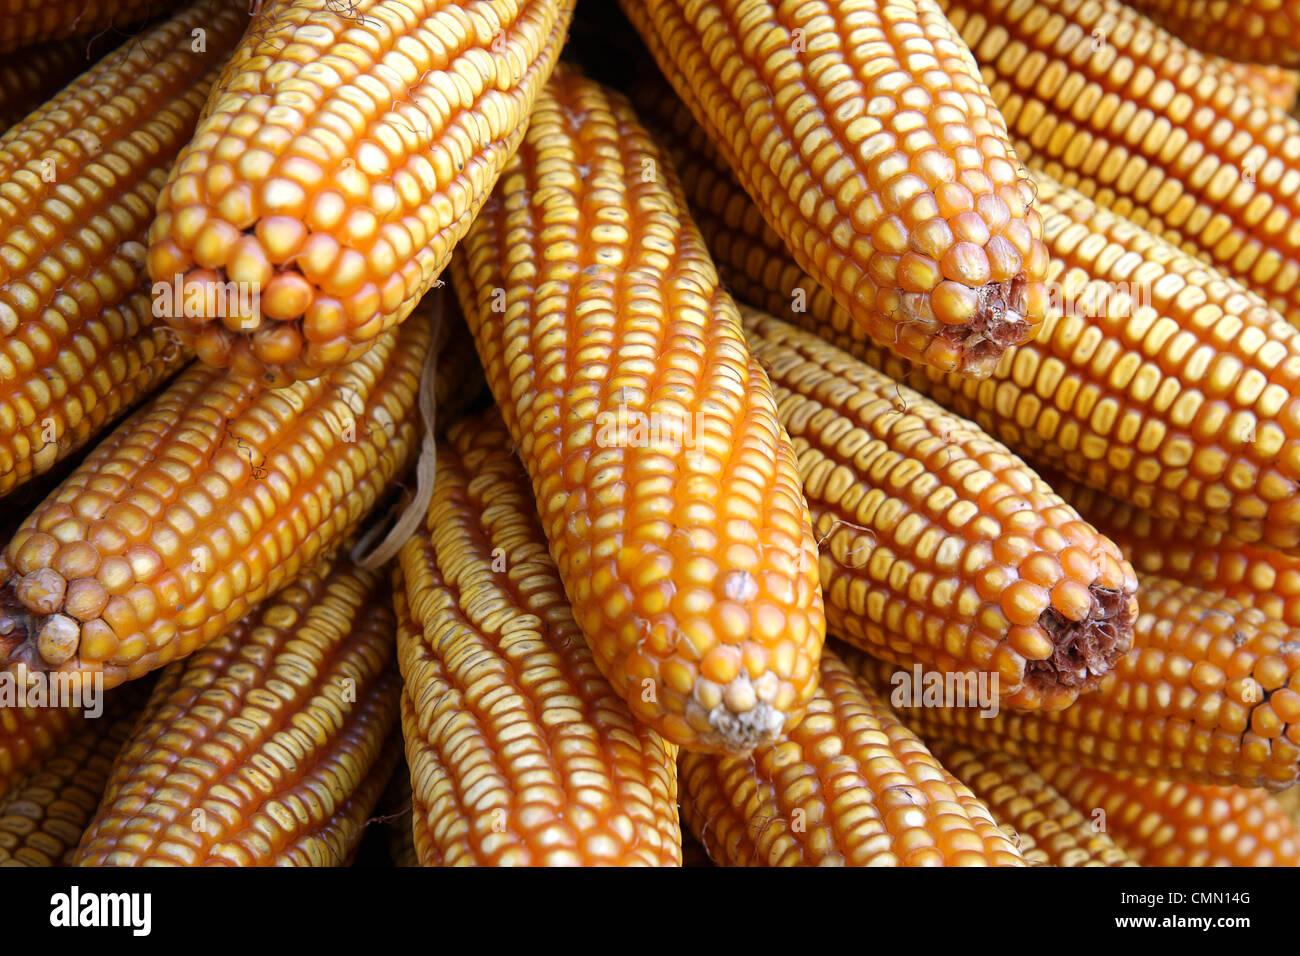 Un mazzetto di tutoli di mais essiccato in un mercato ortofrutticolo di Kunming, in Cina. Immagini Stock